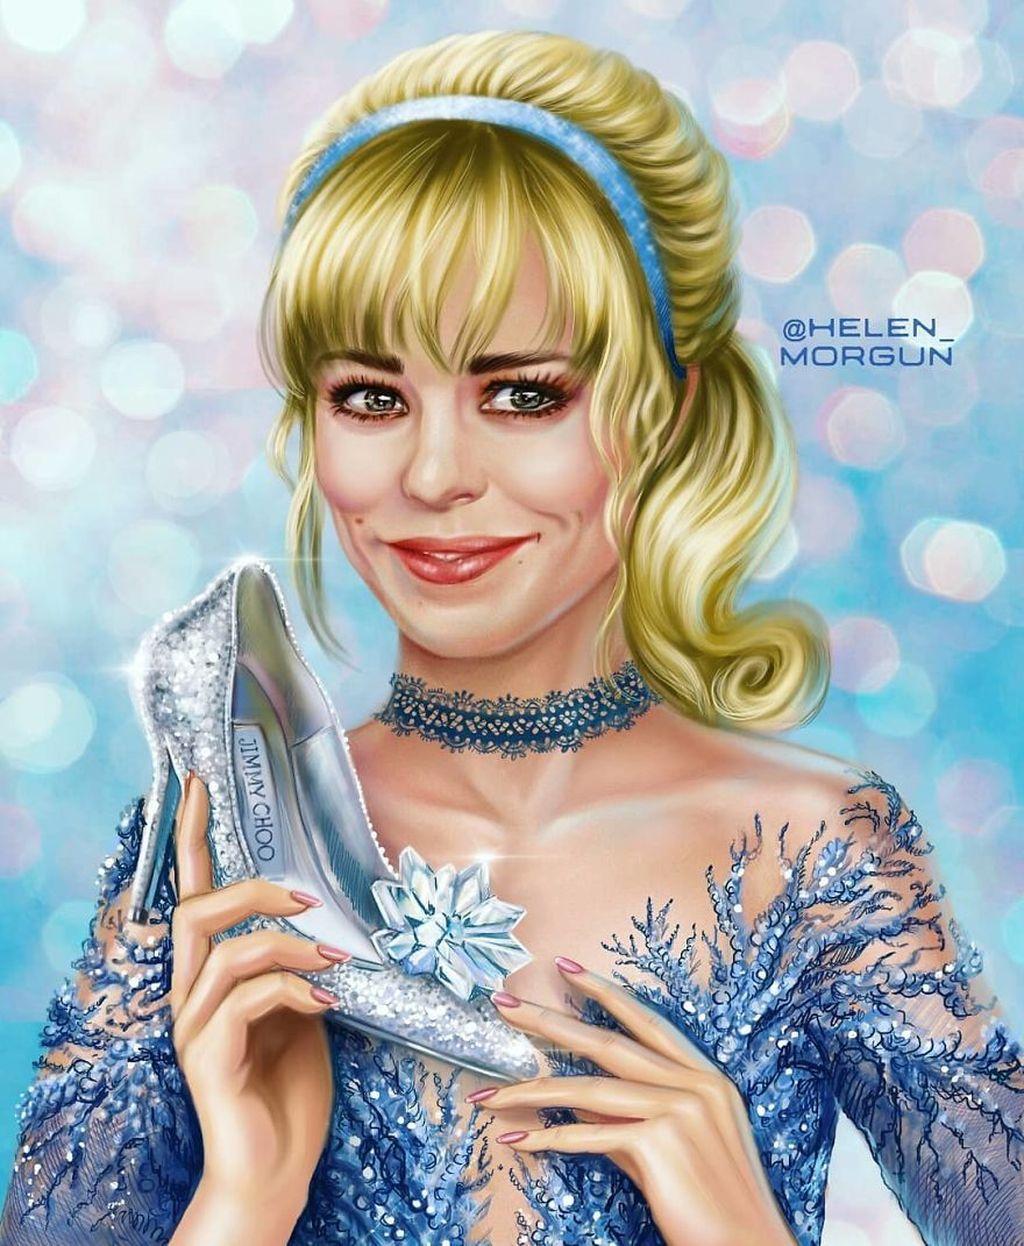 Yang ini salah satu karyanya dalam mengubah Rachel Mcadams jadi Cinderella. (Foto: Dok @helen_morgun)